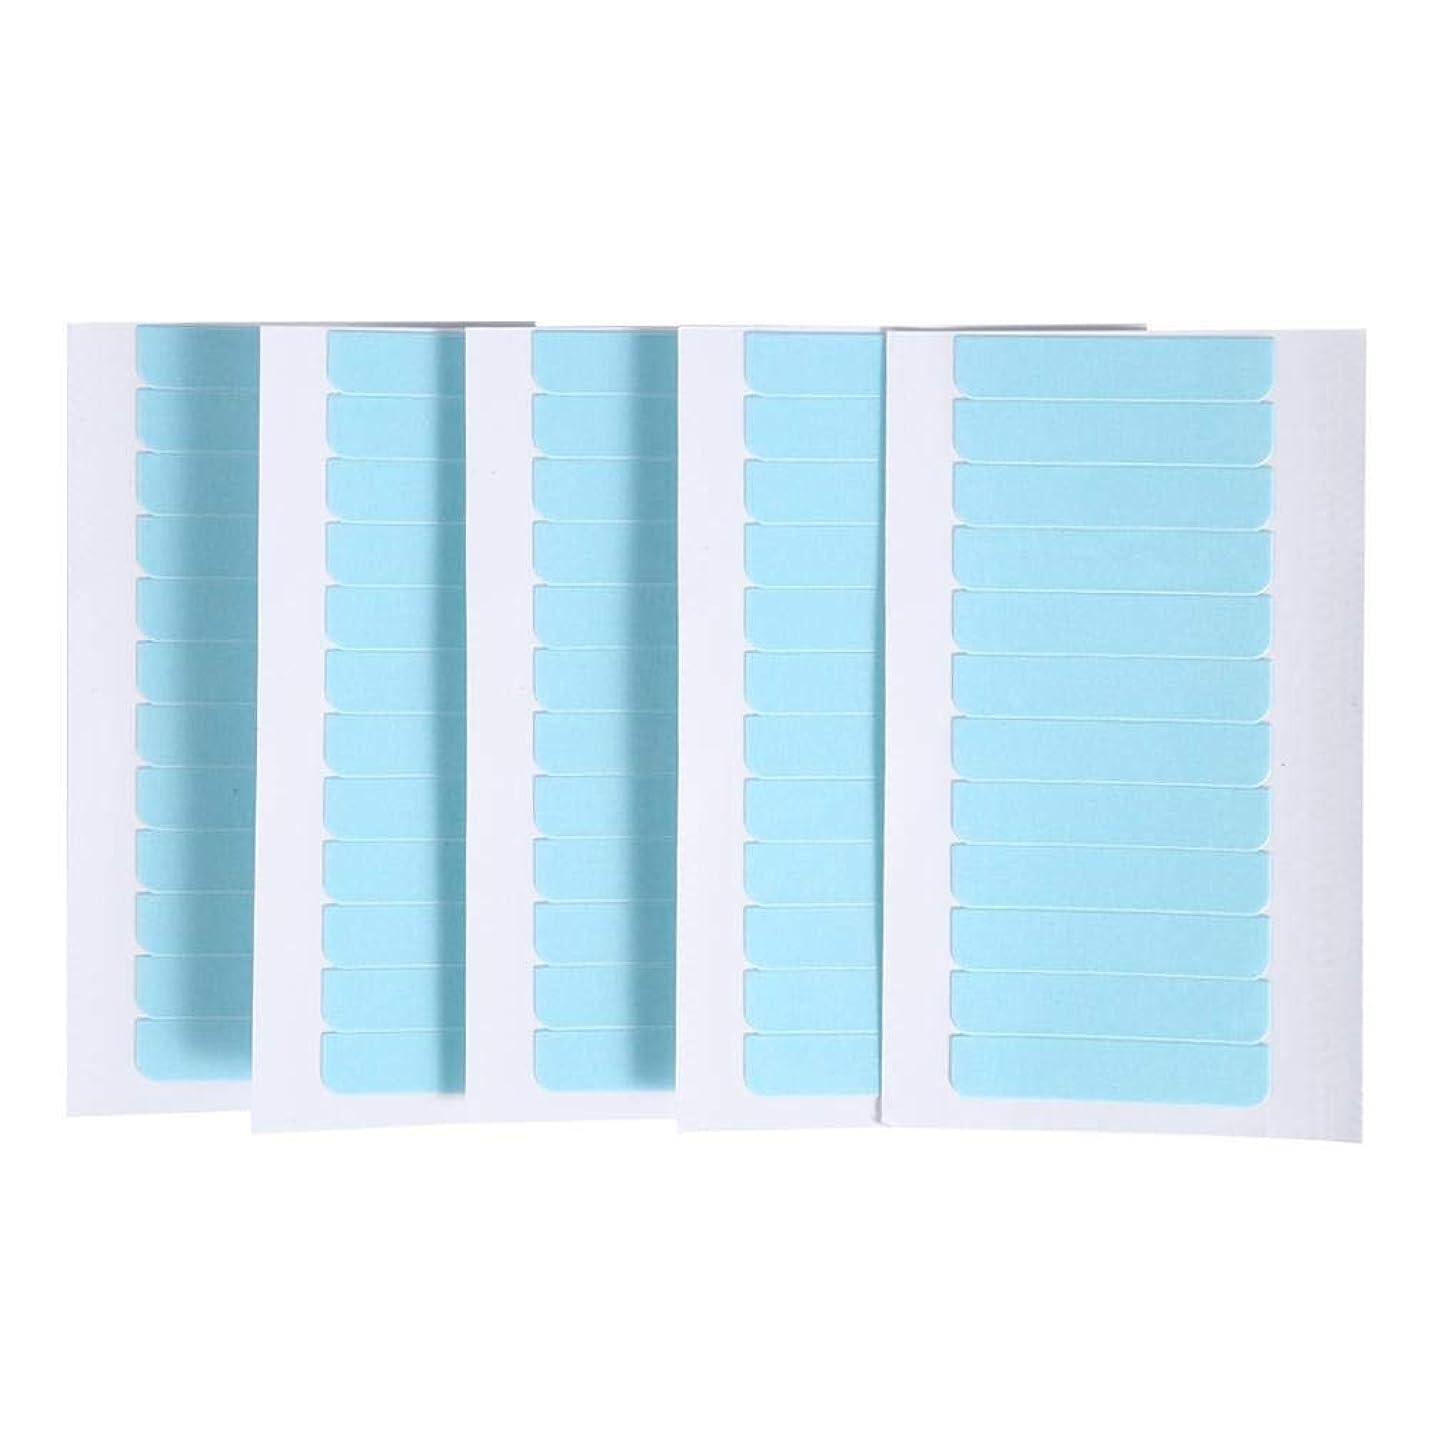 ハブブ深遠汚染された60個/セット肌横糸エクステンション接着剤 ヘアエクステンション用粘着テープ 両面スーパーテープタブ美容ツール